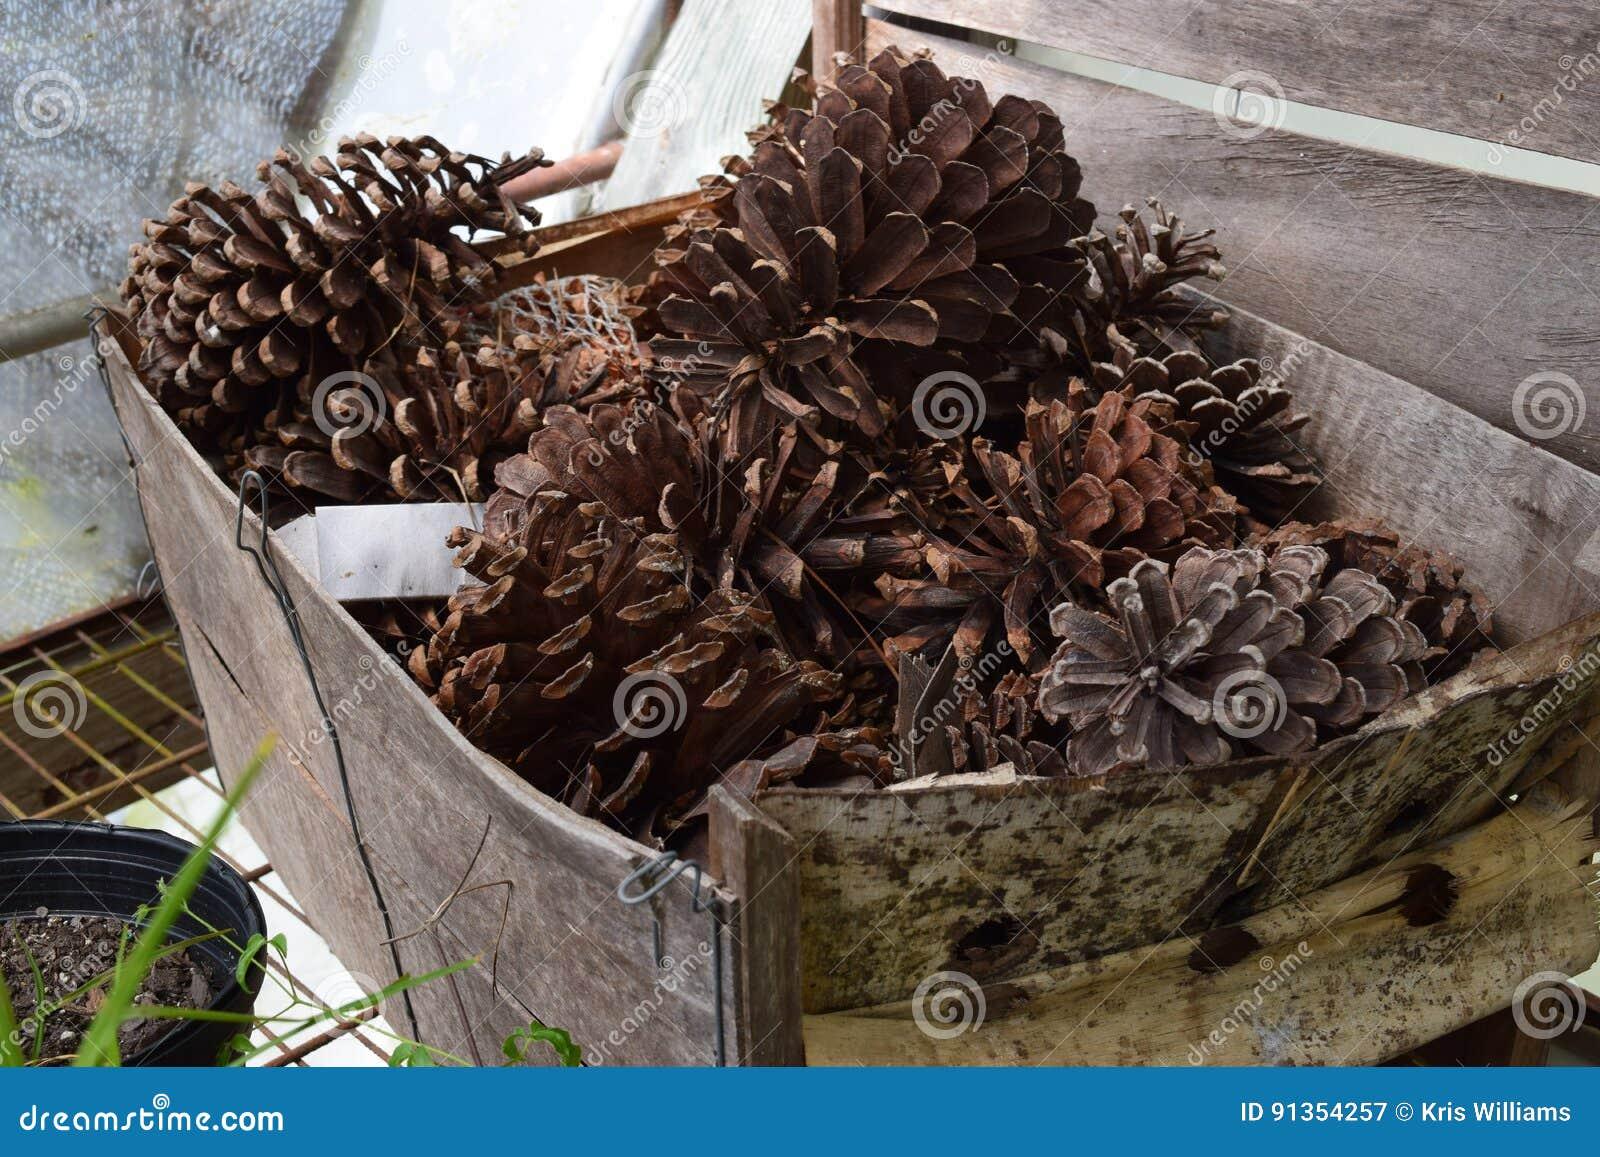 Box of pinecones